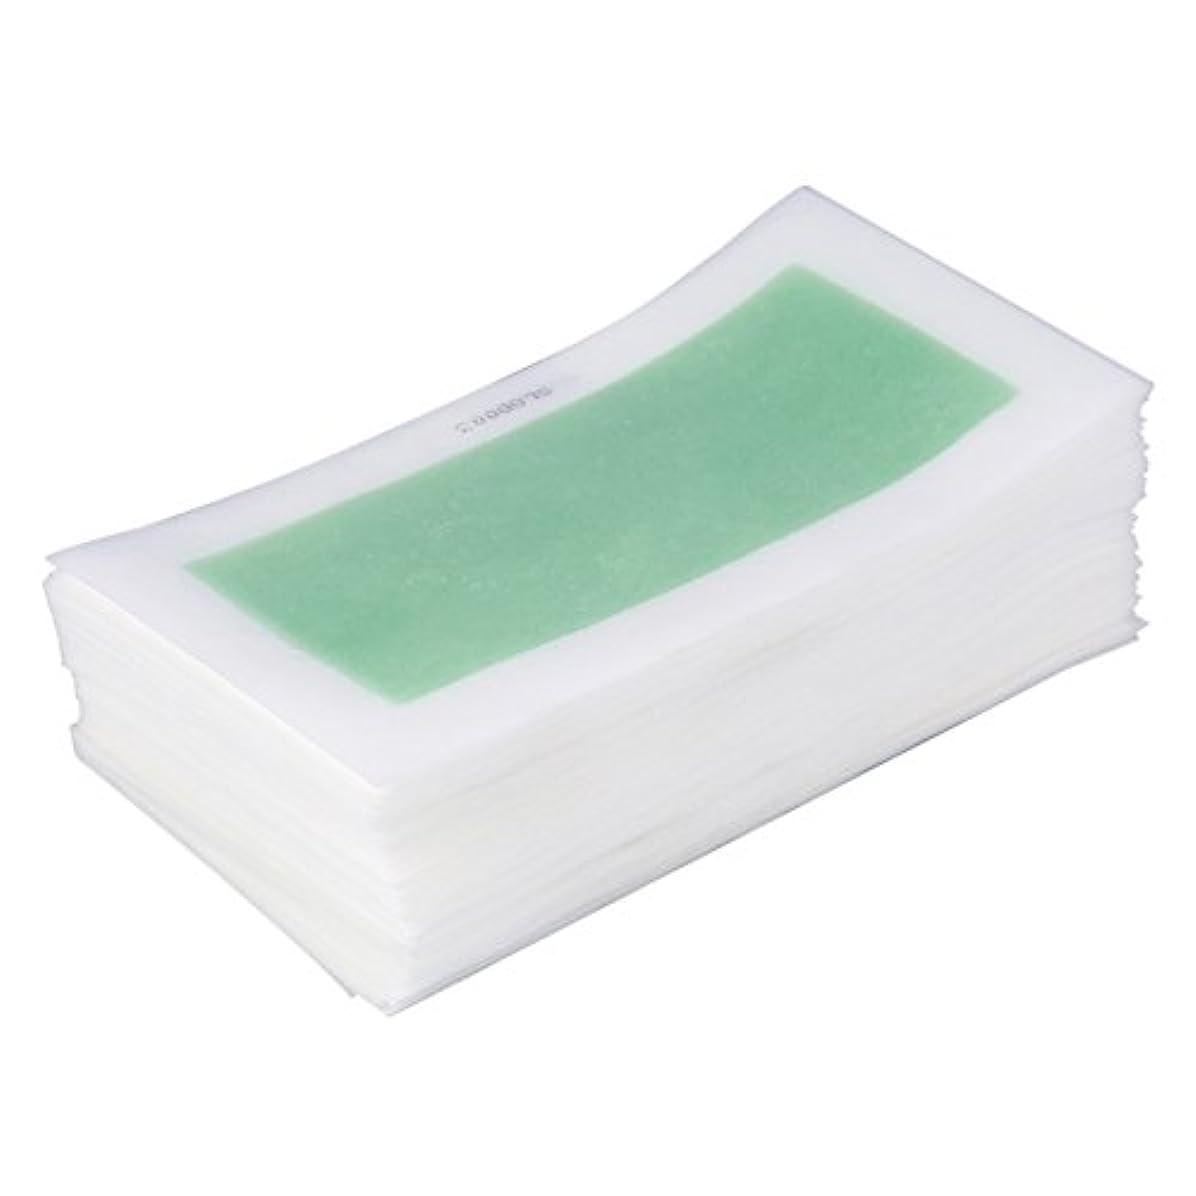 起訴するステッチ有効Eboxer  脱毛ワックス紙 10個セット入 有効的 美容 使用便利 使い捨て 男女兼用 両面シート脱毛シート